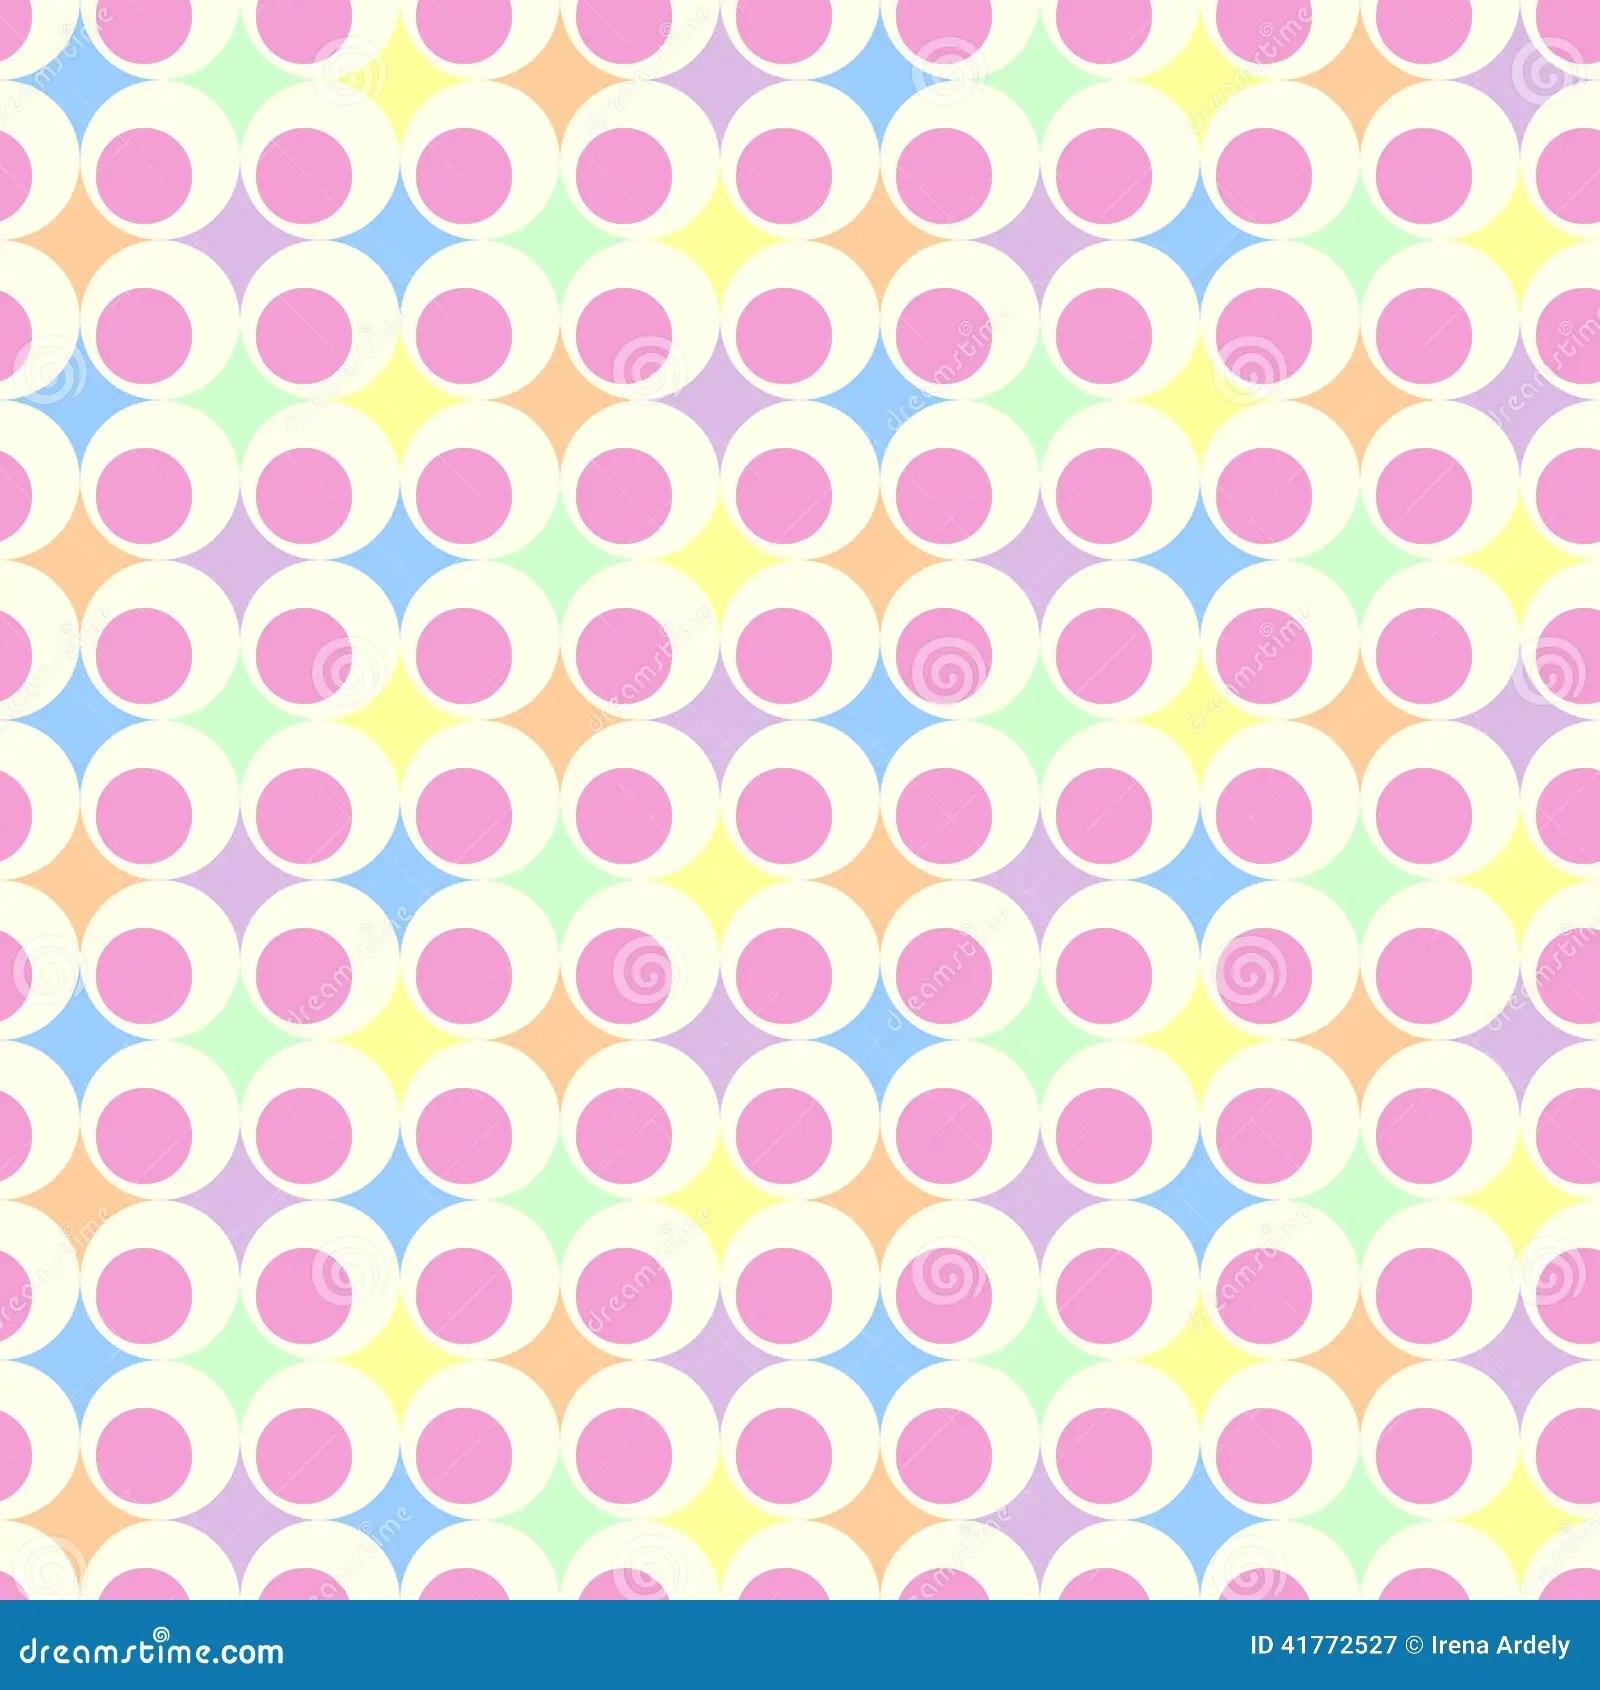 Pink Iphone 6 Wallpaper Fondo En Colores Pastel Retro Imagen De Archivo Imagen